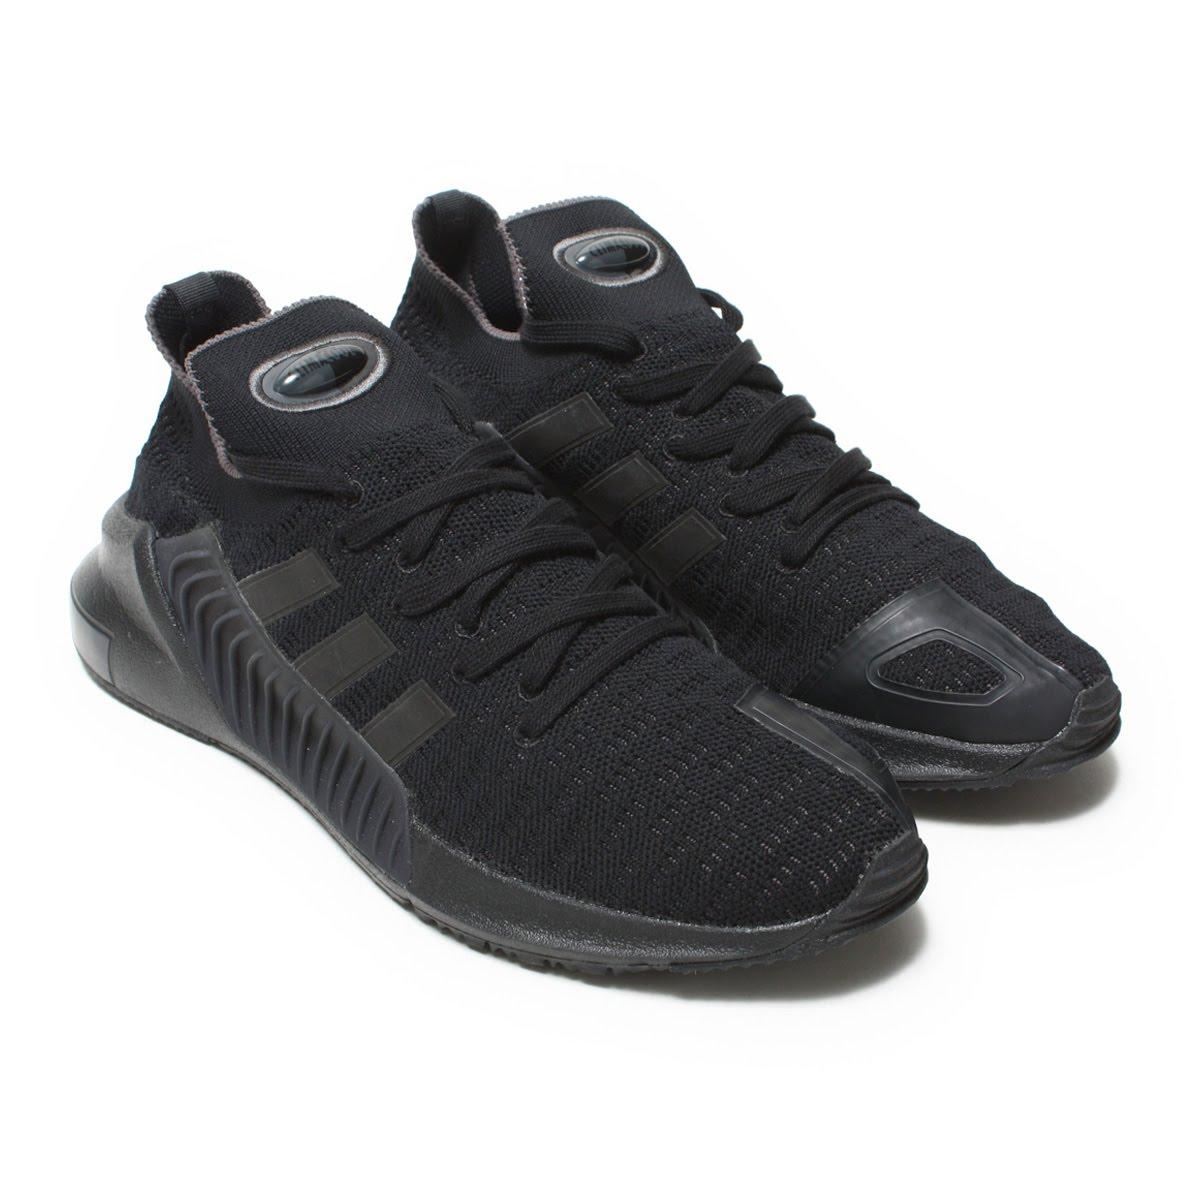 競売 adidas Black/Grey18SS-I Originals 02/17 CLIMACOOL 02 オリジナルス/17 PK(アディダス オリジナルス クライマクール 02/17 PK)18SS-ICore Black/Core Black/Grey18SS-I, 平取町:766ce3de --- clftranspo.dominiotemporario.com